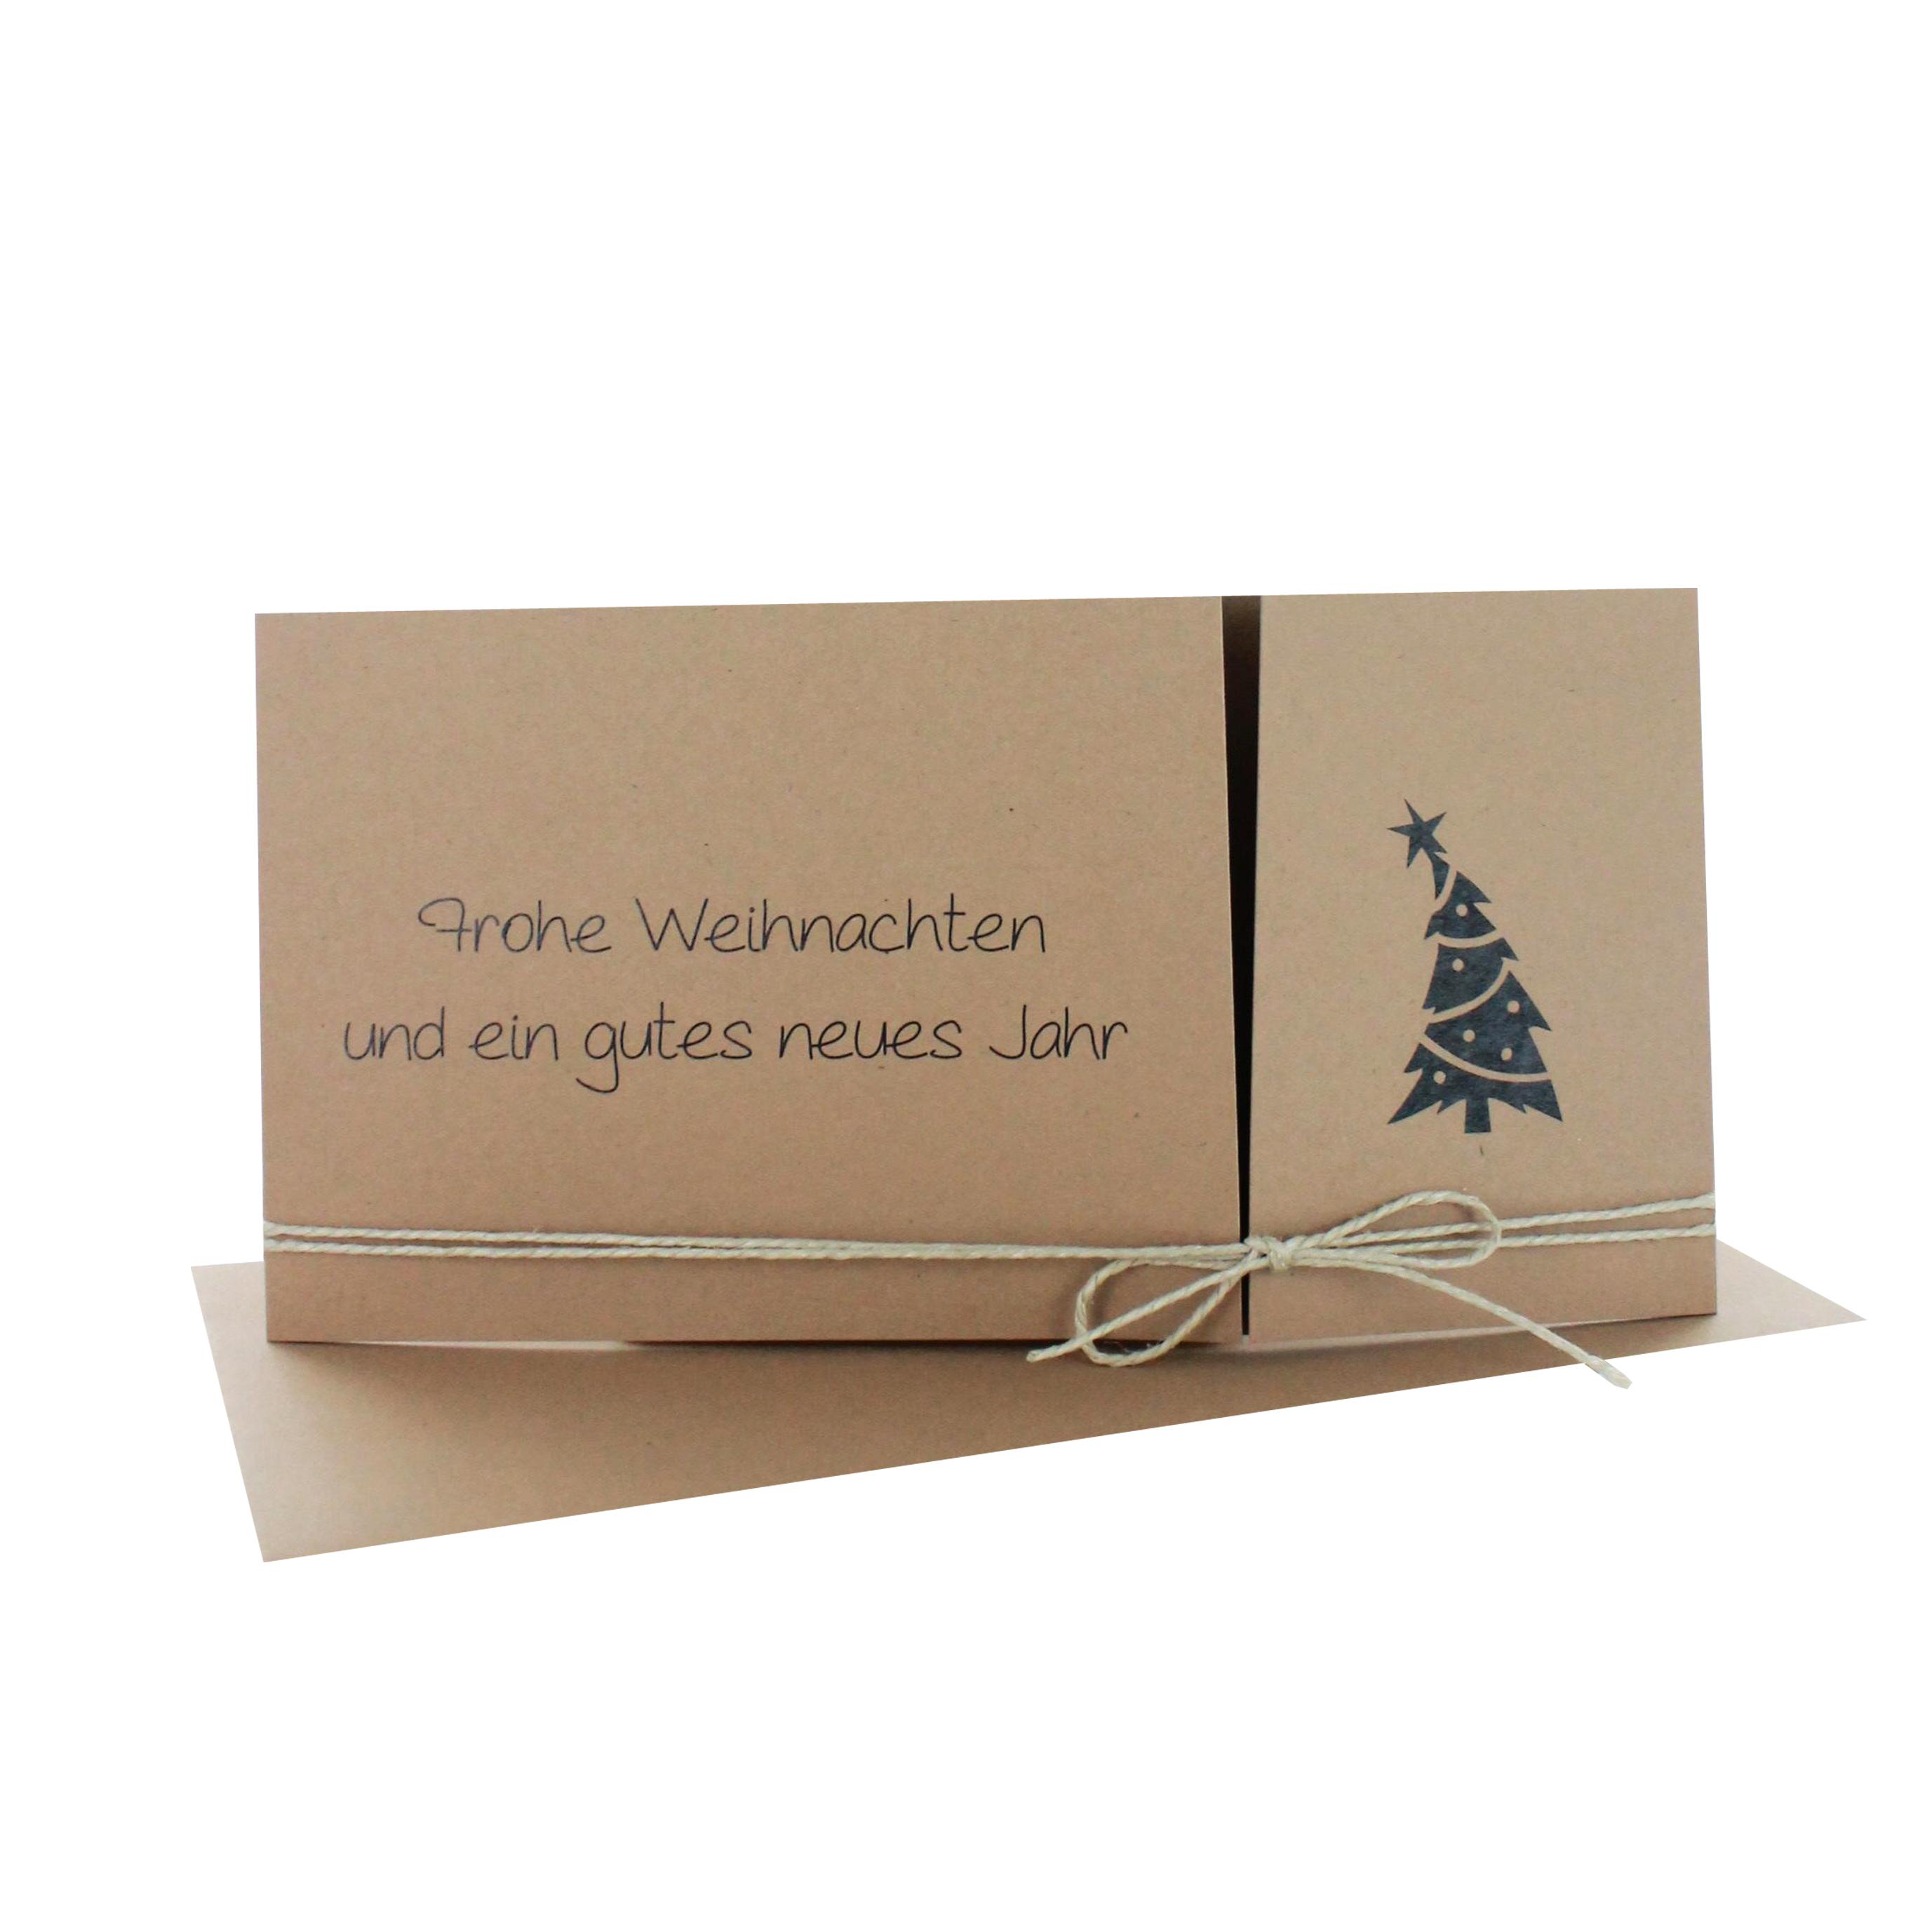 Weihnachtskarte DIN lang quer mit Altarfalz und Aufdruck frohe Weihnachten und ein gutes neues Jahr